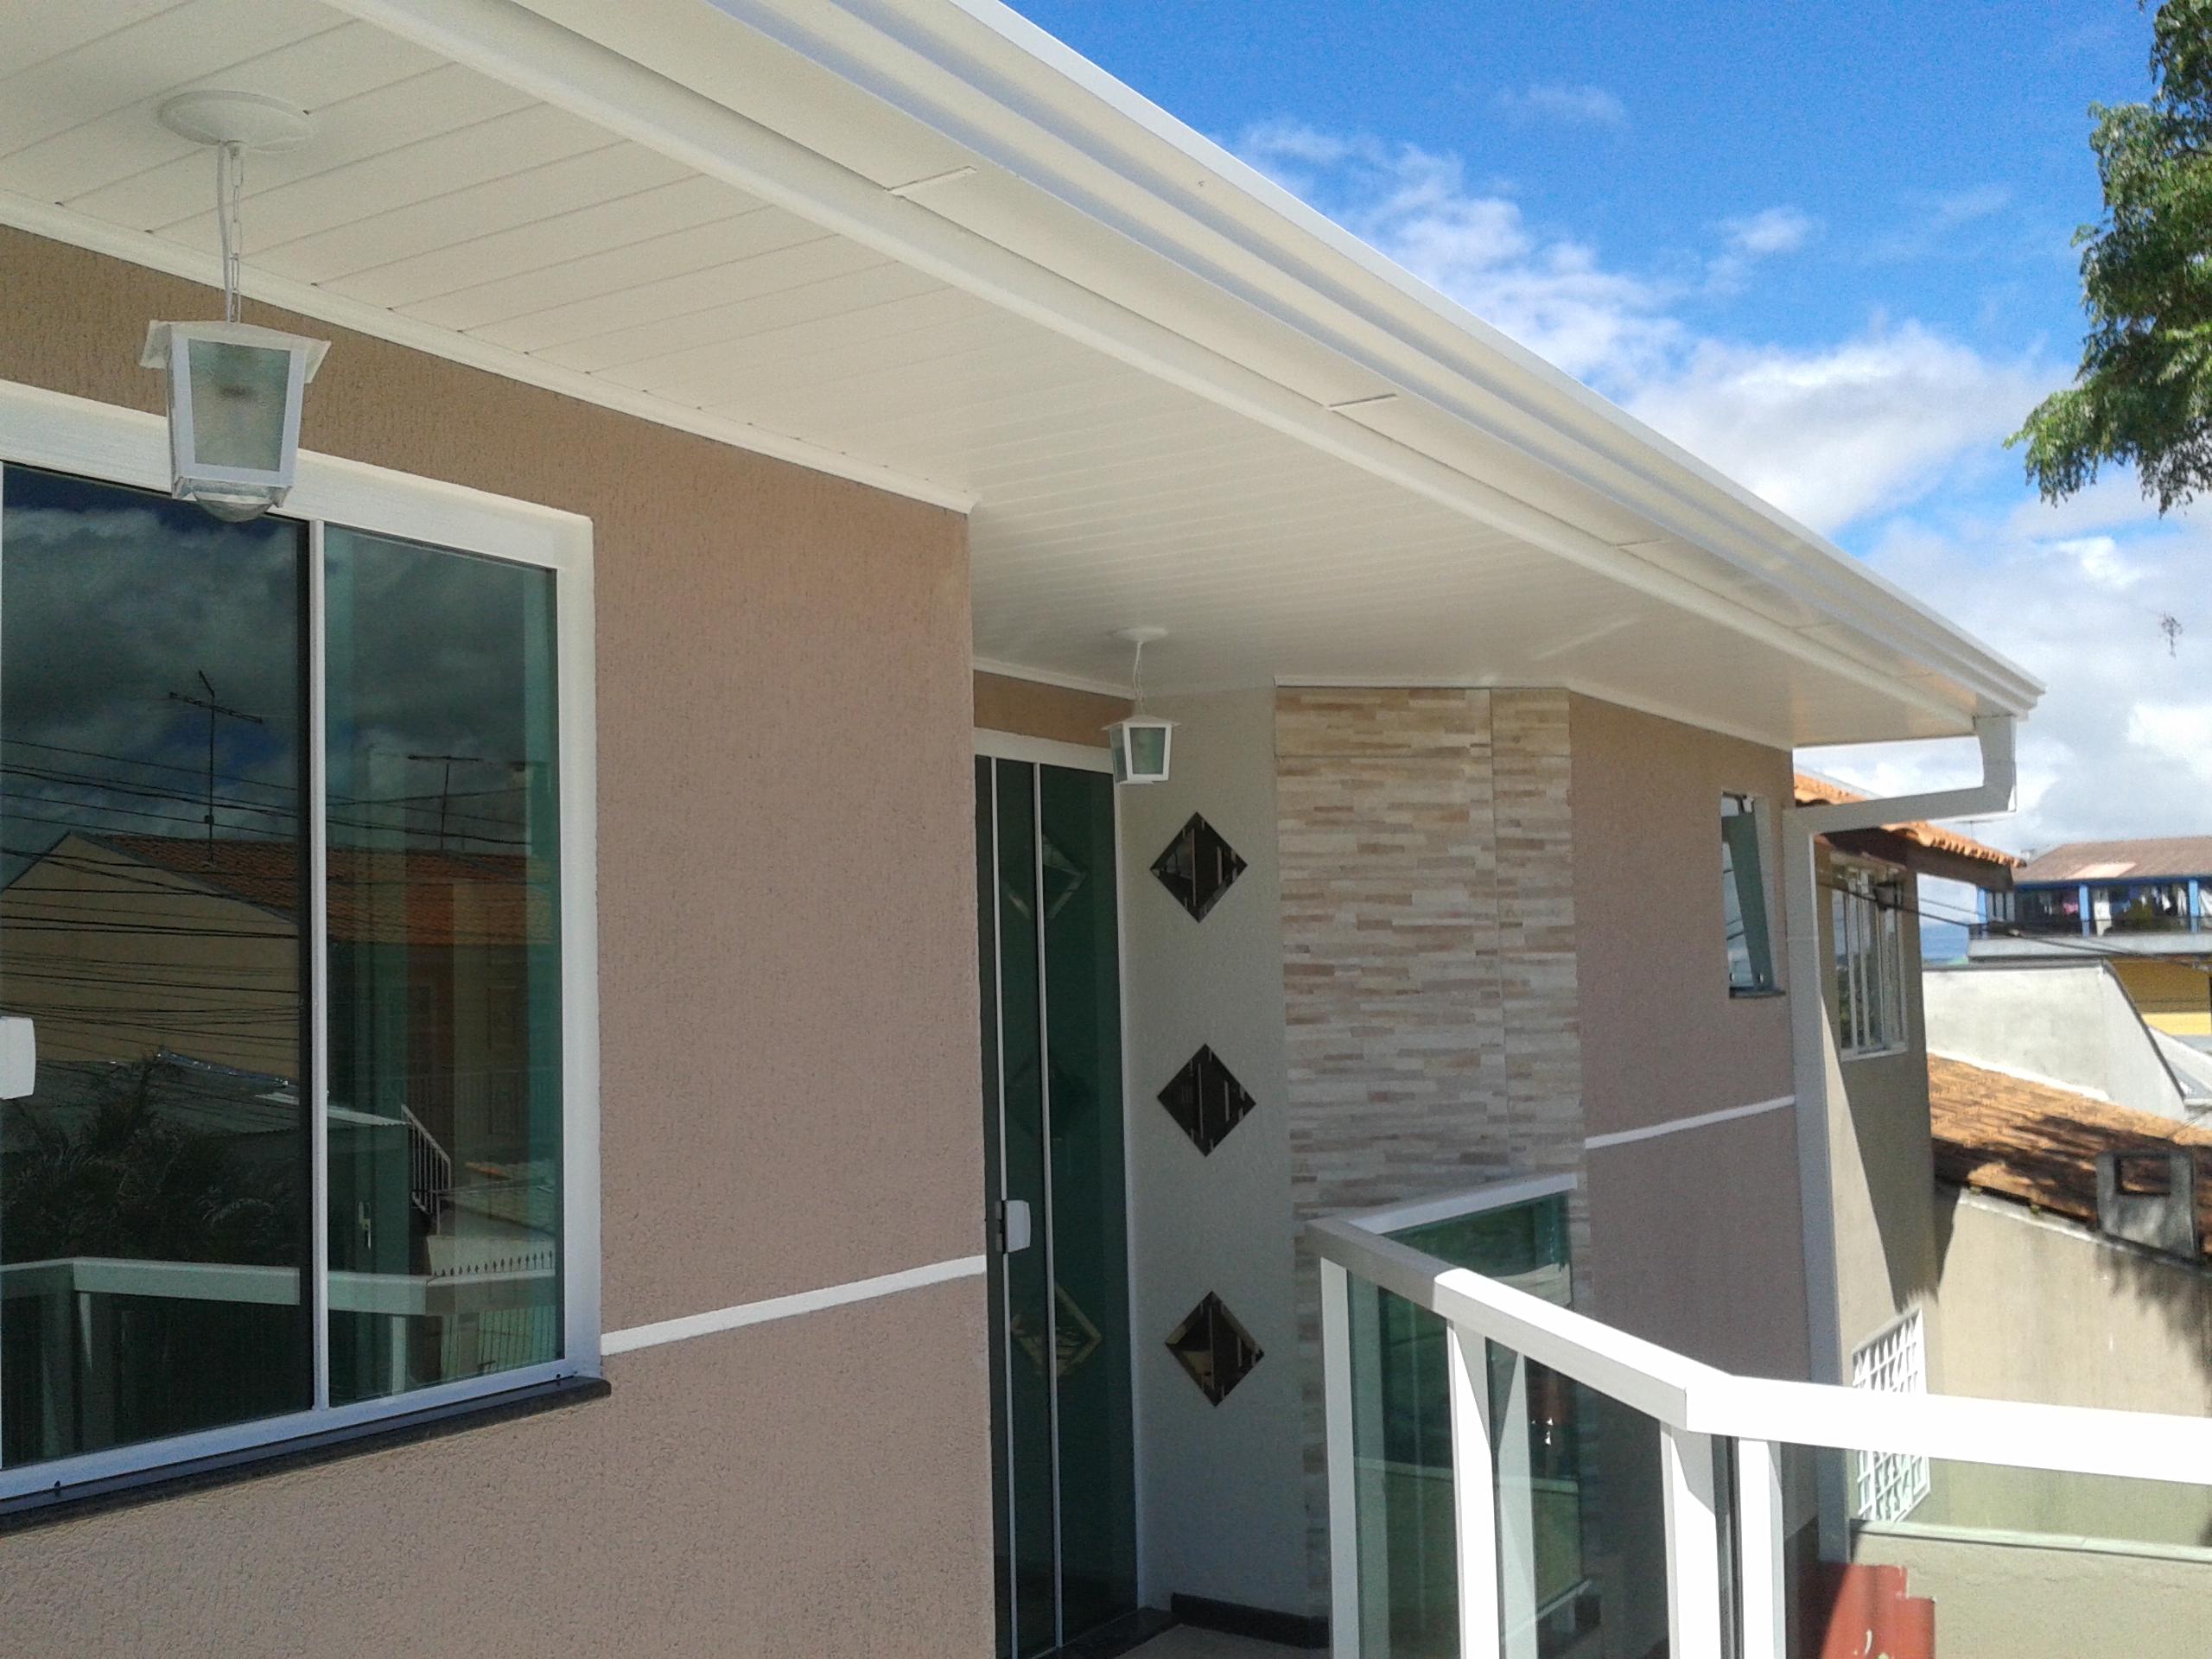 Afr reforma e constru o em geral pintor encanador - Programas de reformas de casas ...